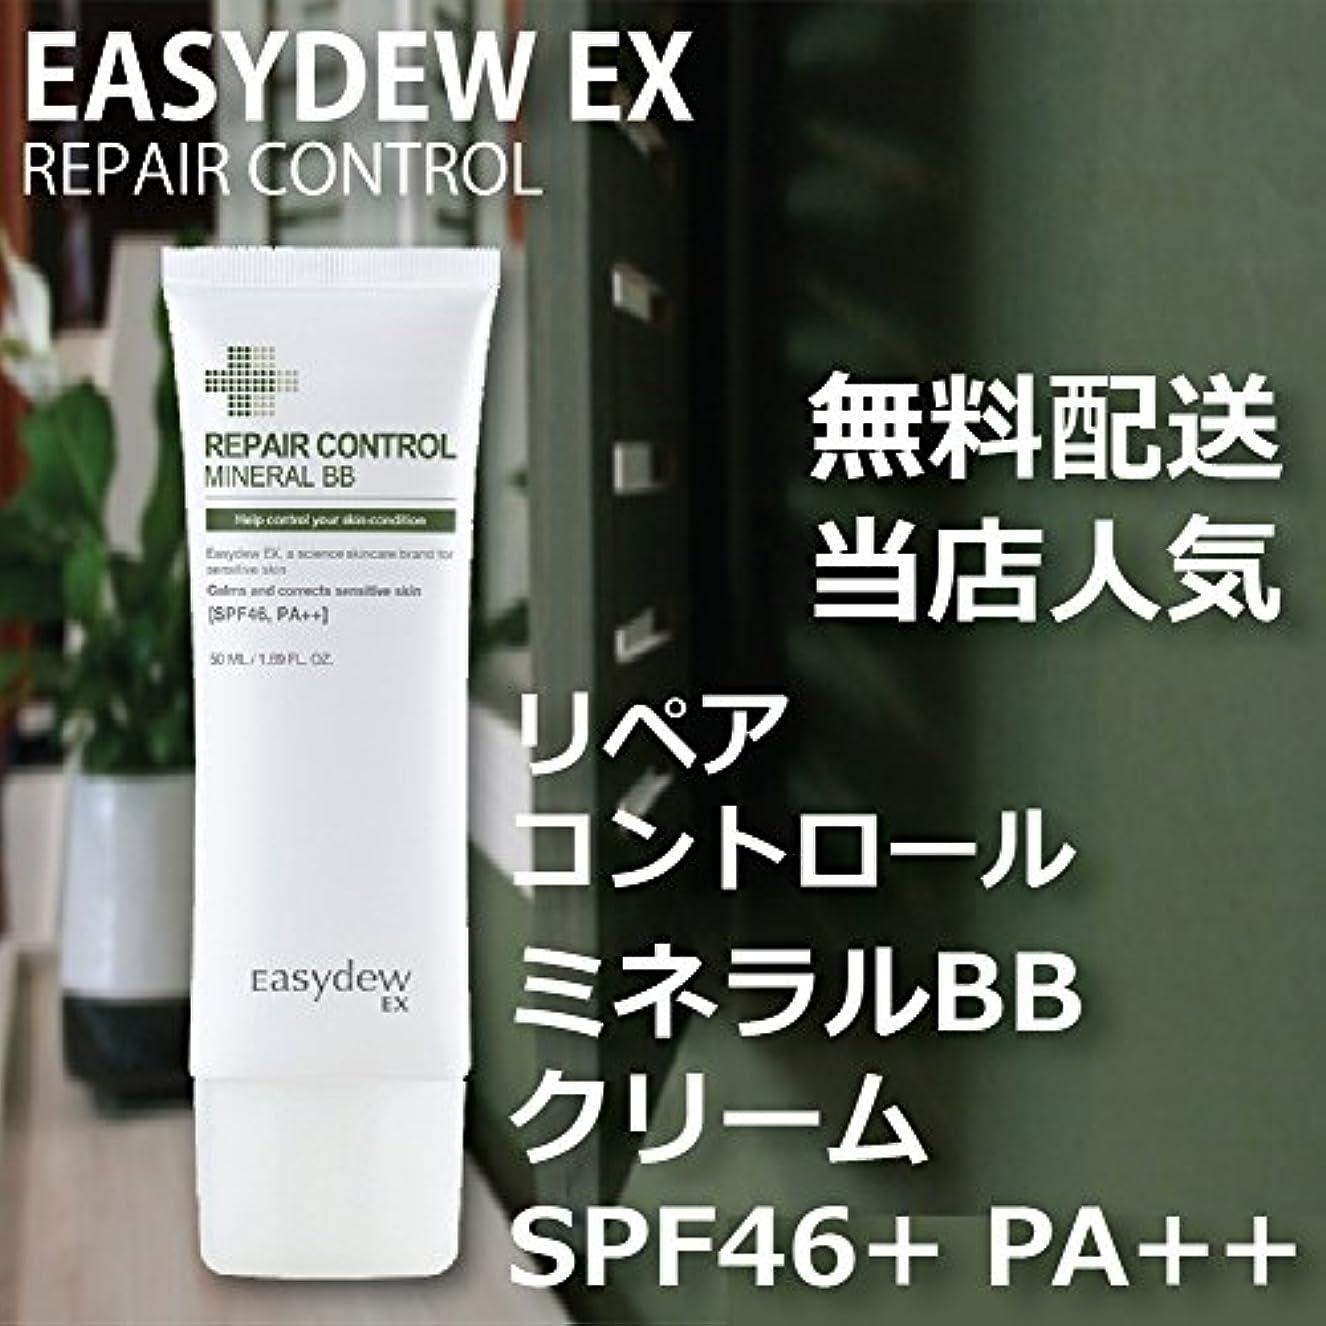 偶然の個人的な世界EASY DEW EX ミネラル BBクリーム SPF46+ PA++ 50ml MINRAL BB CREAM 韓国 人気 コスメ イージーデュー 敏感 乾燥 美白 しわ 3重機能性